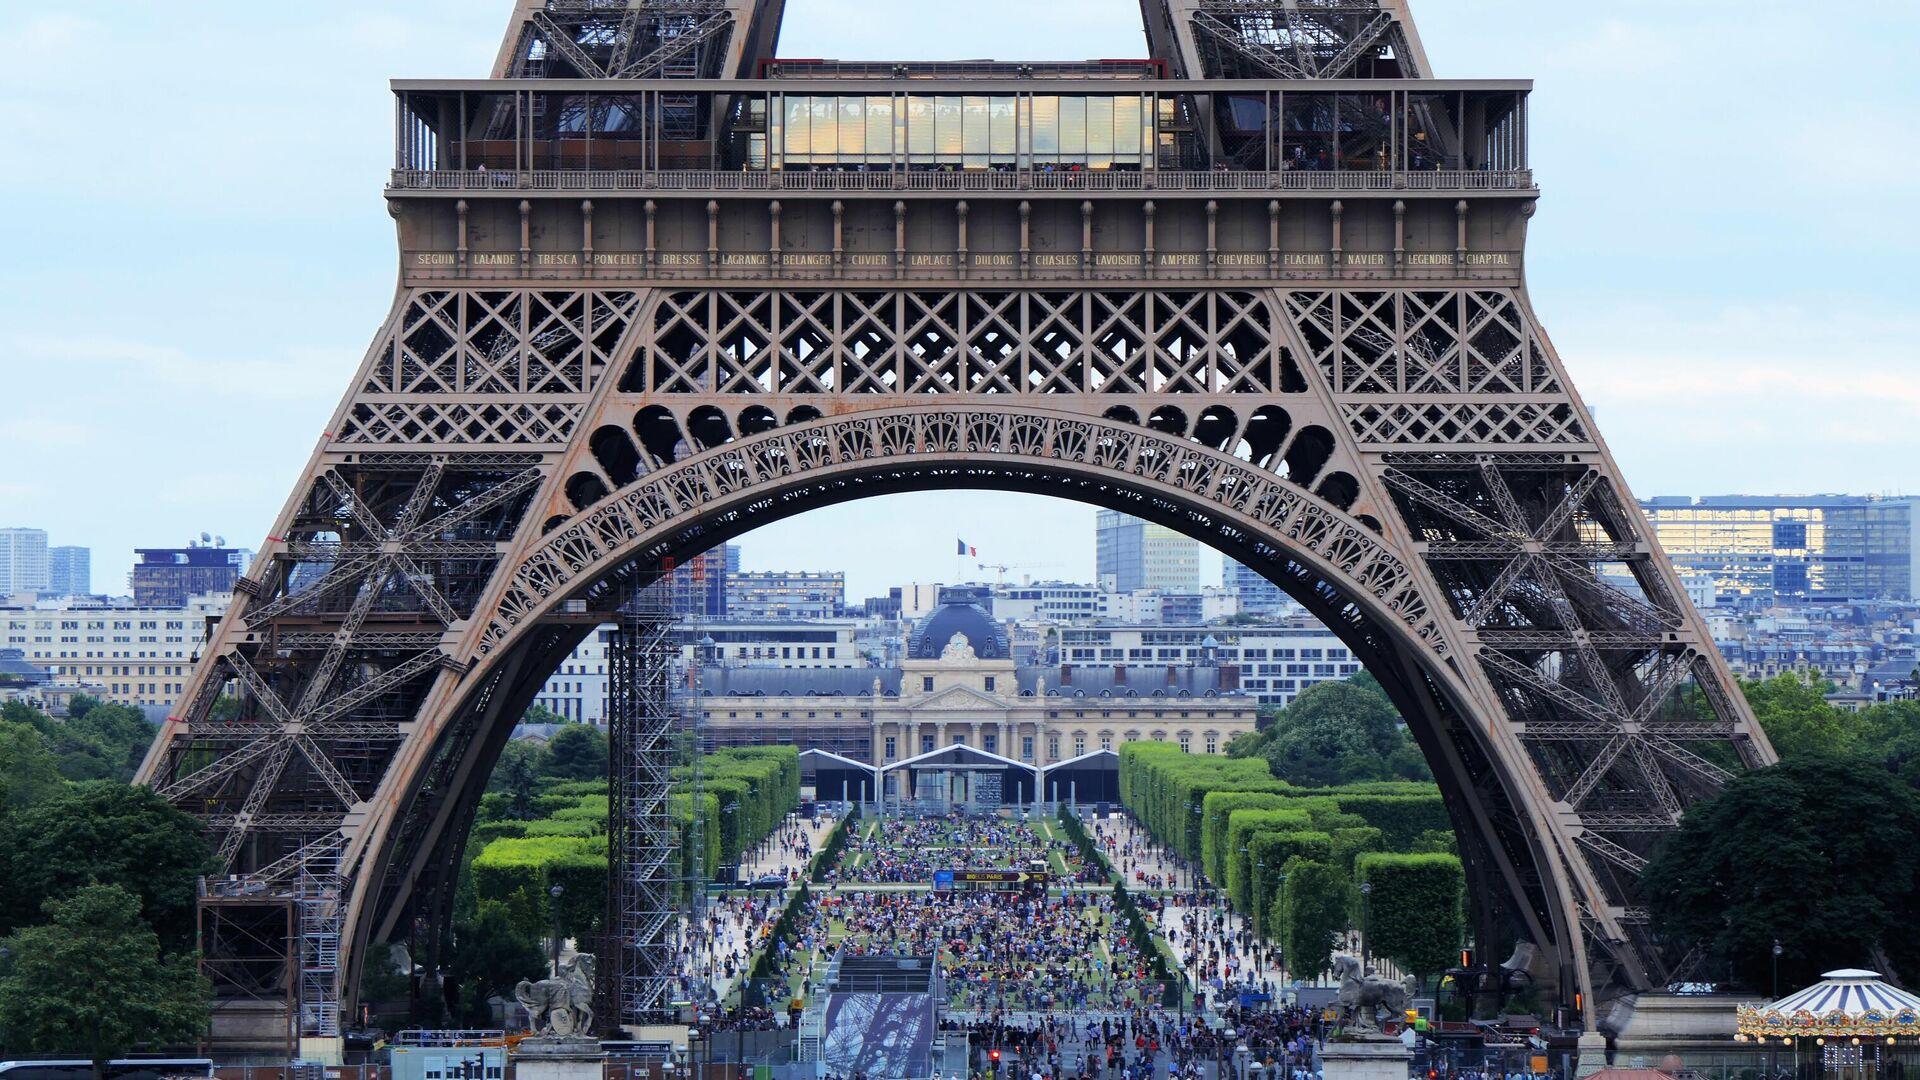 Эйфелева башня в Париже - РИА Новости, 1920, 20.09.2021